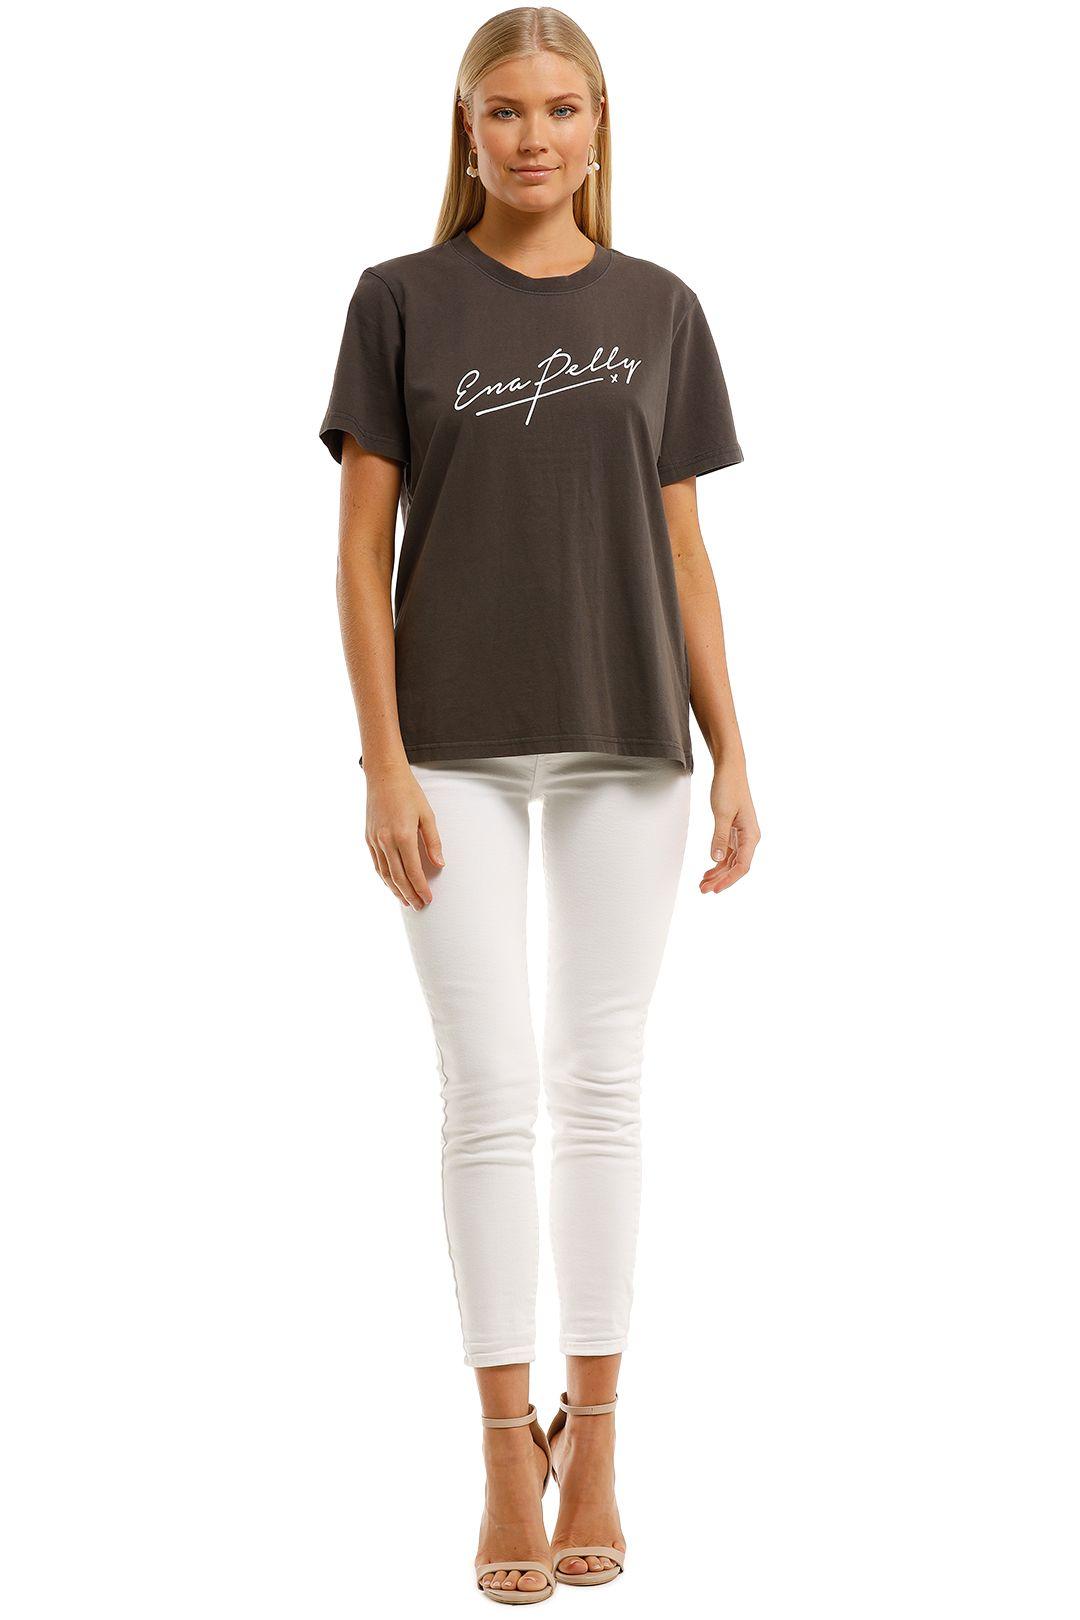 Ena-Pelly-Script-Logo-Tee-Faded-Black-Front